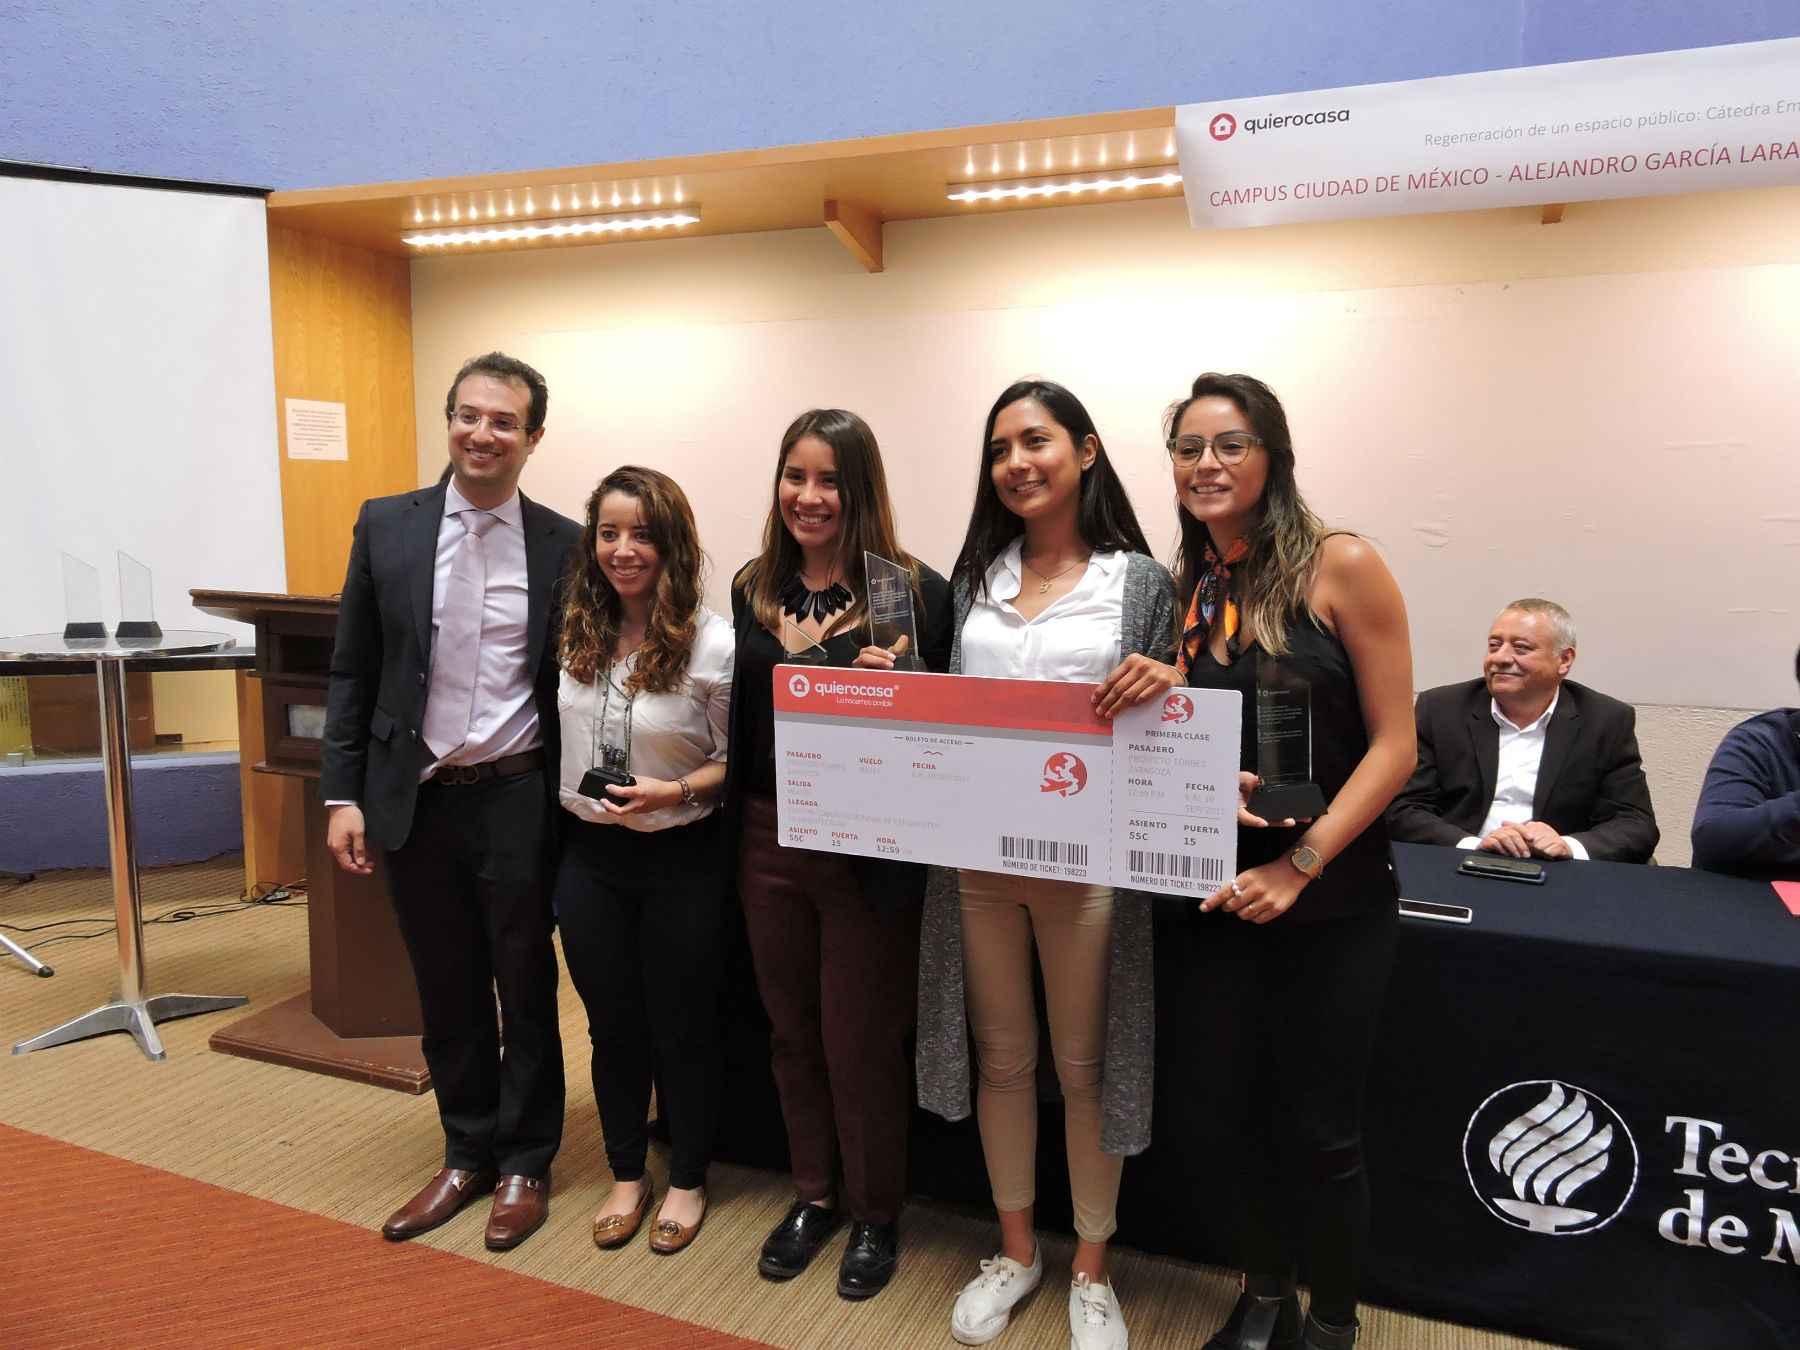 Entregan premio a alumnas de arquitectura del Tec de Monterrey